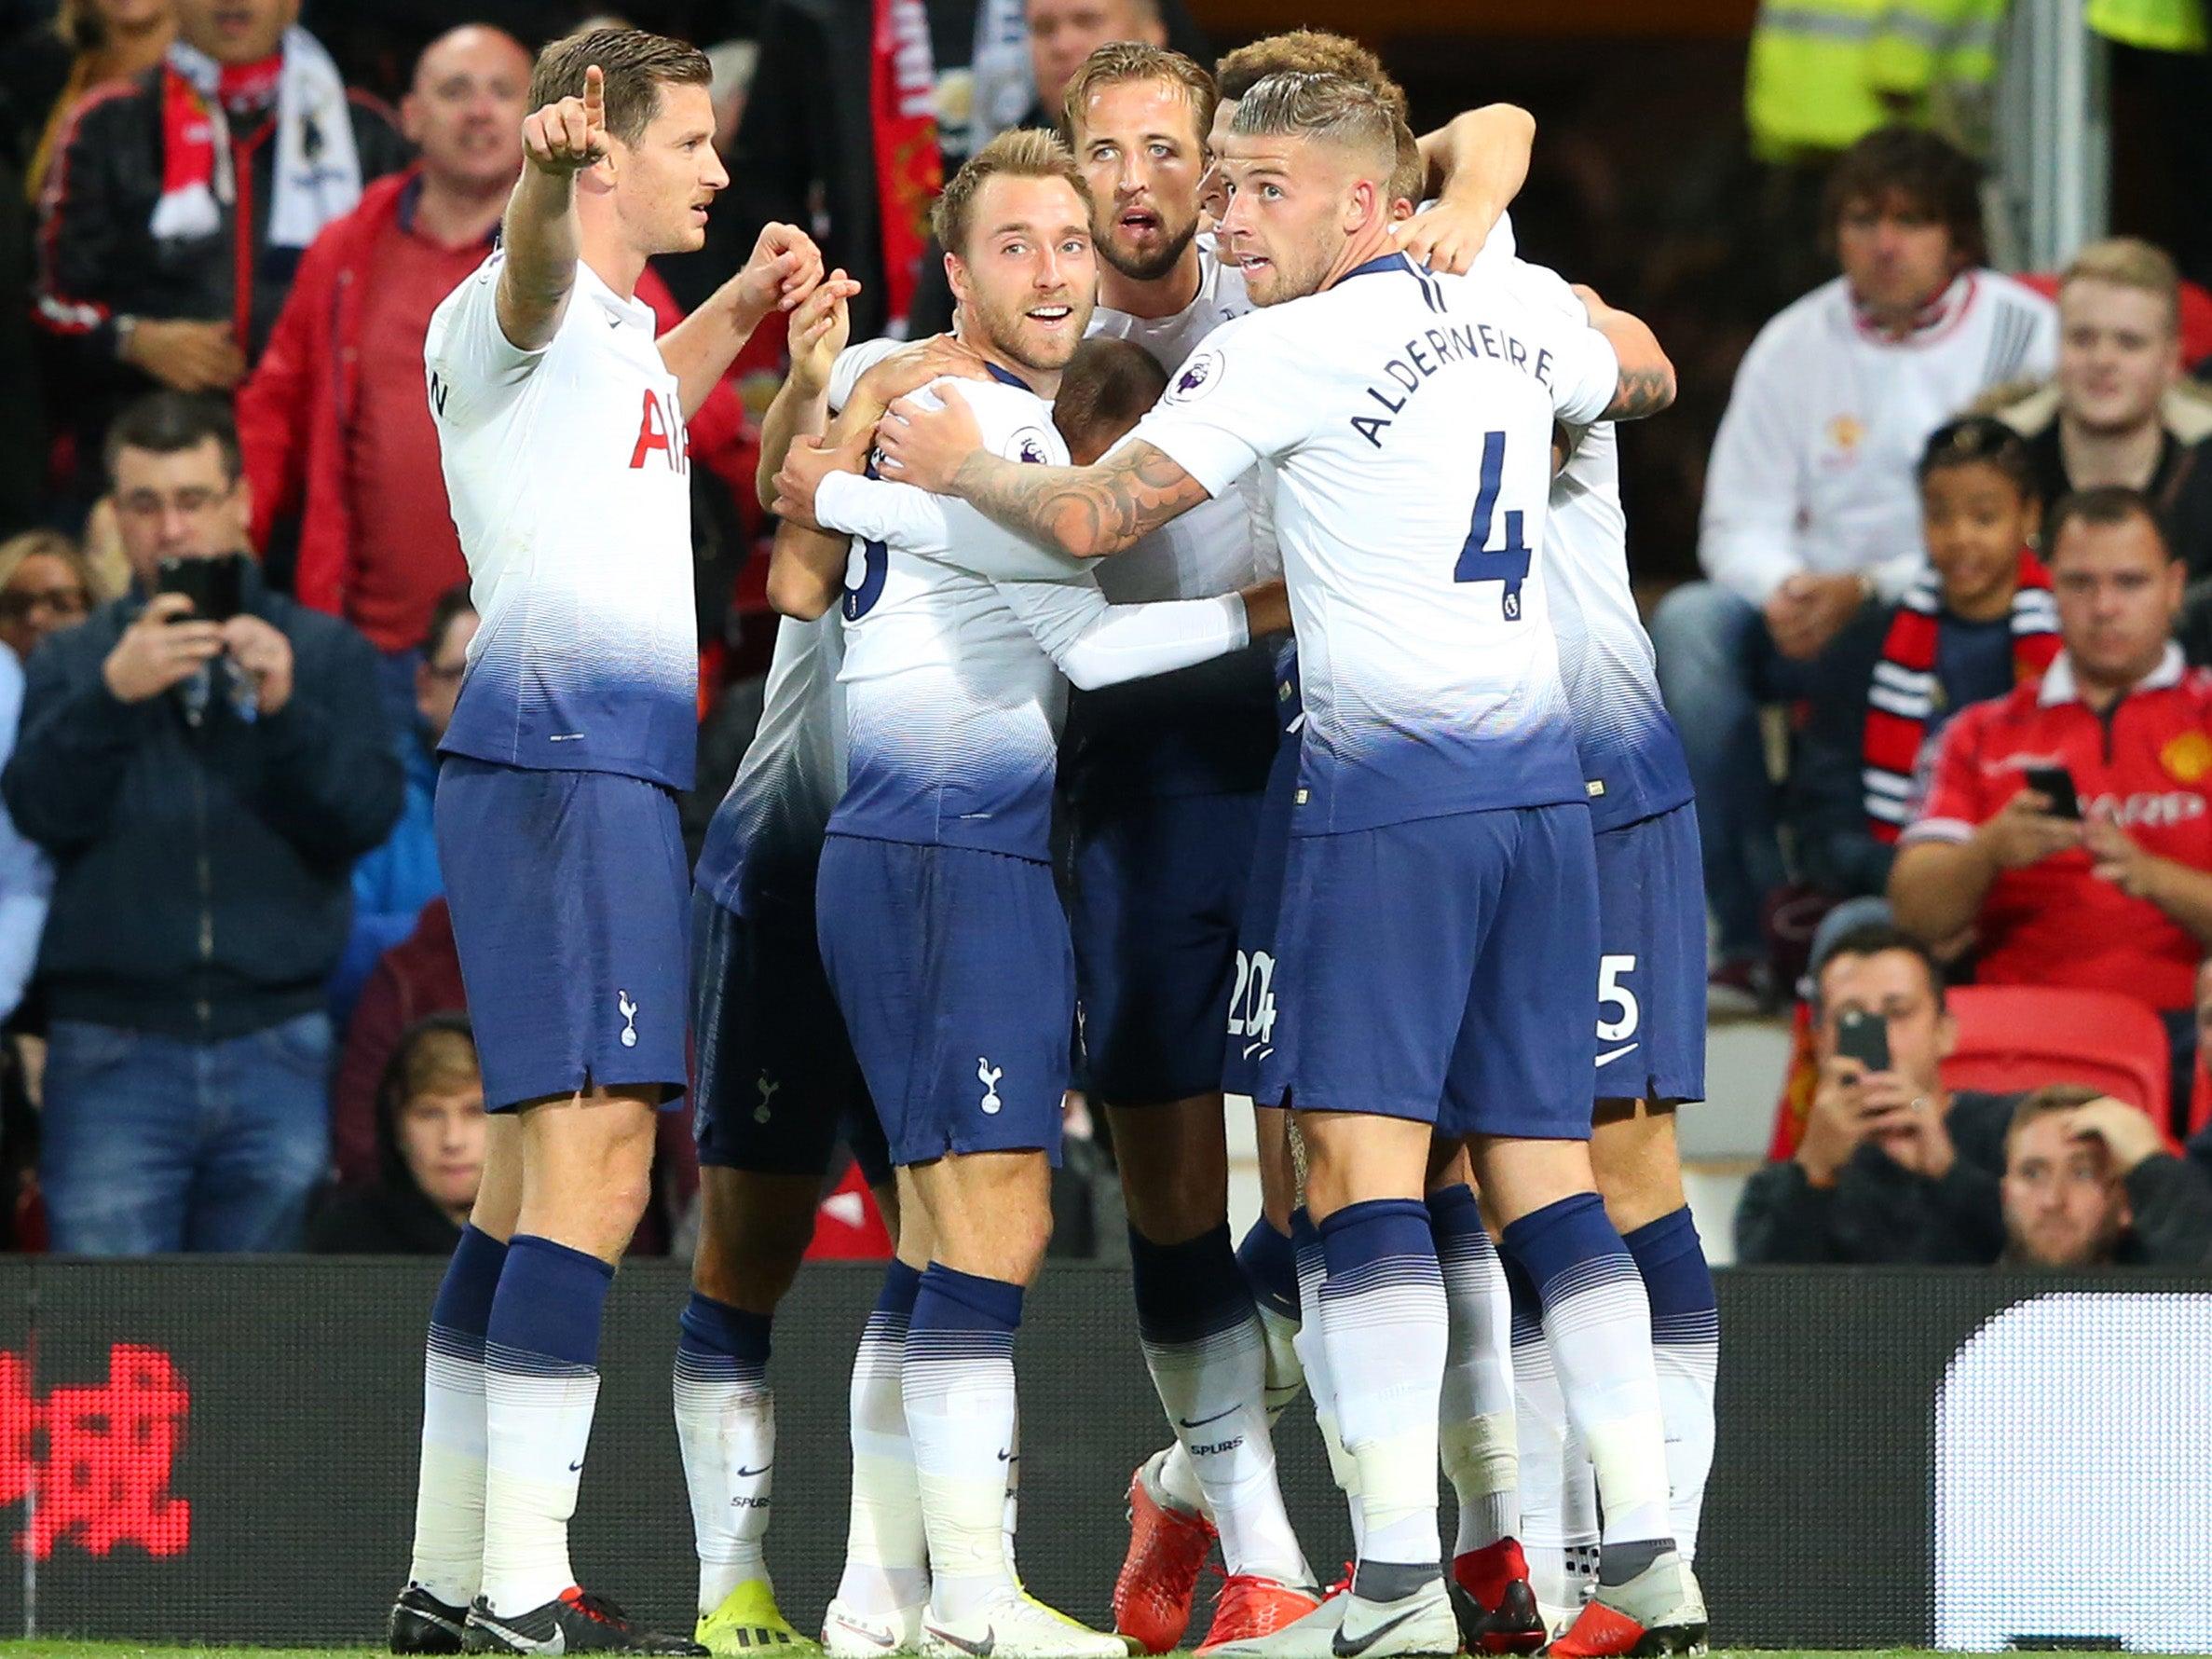 Manchester United Vs Tottenham: Jose Mourinho To Take